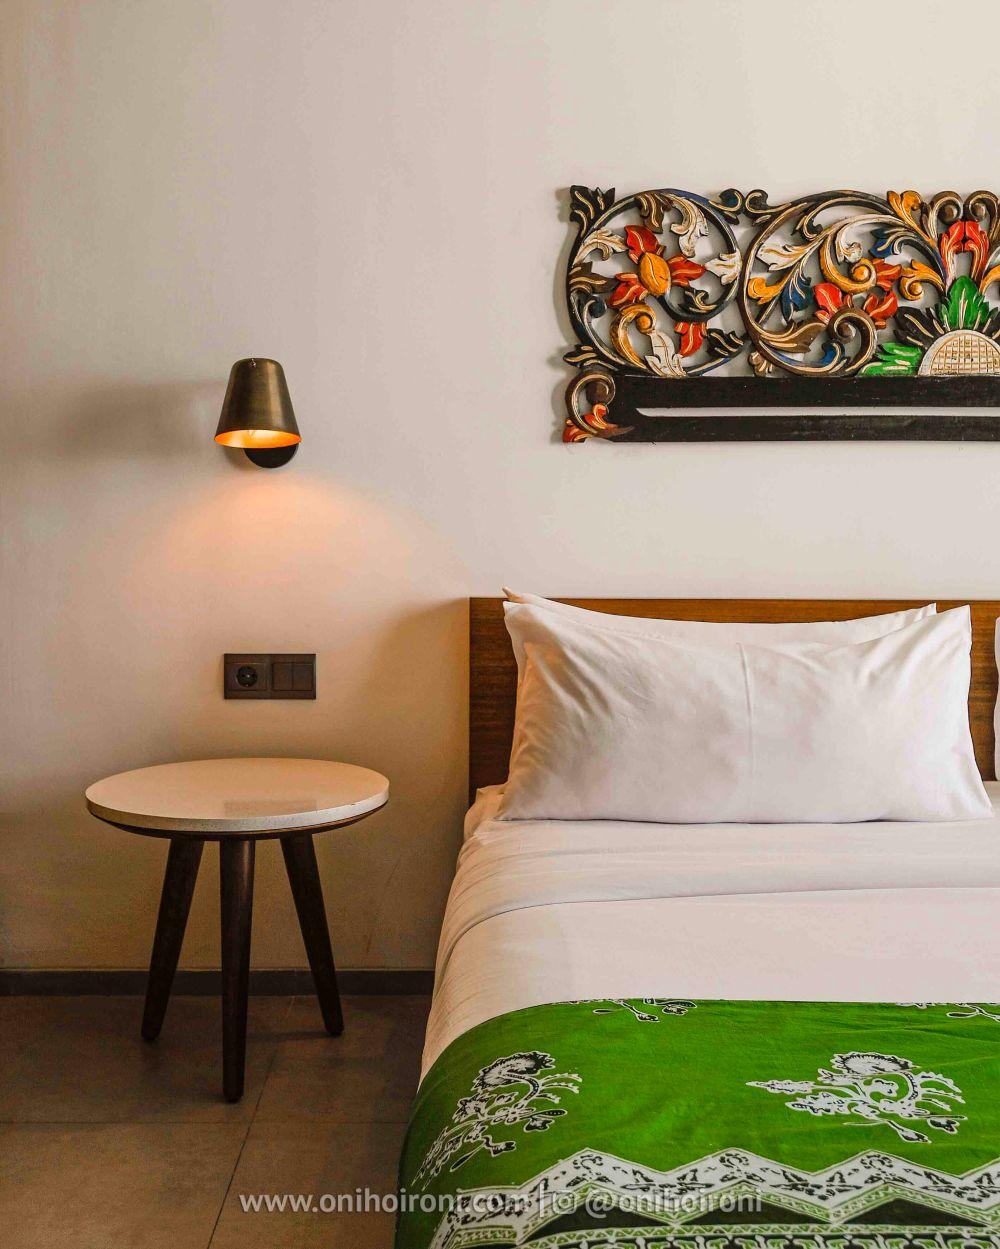 3 Room Review Hotel Dialoog Banyuwangi oni hoironi